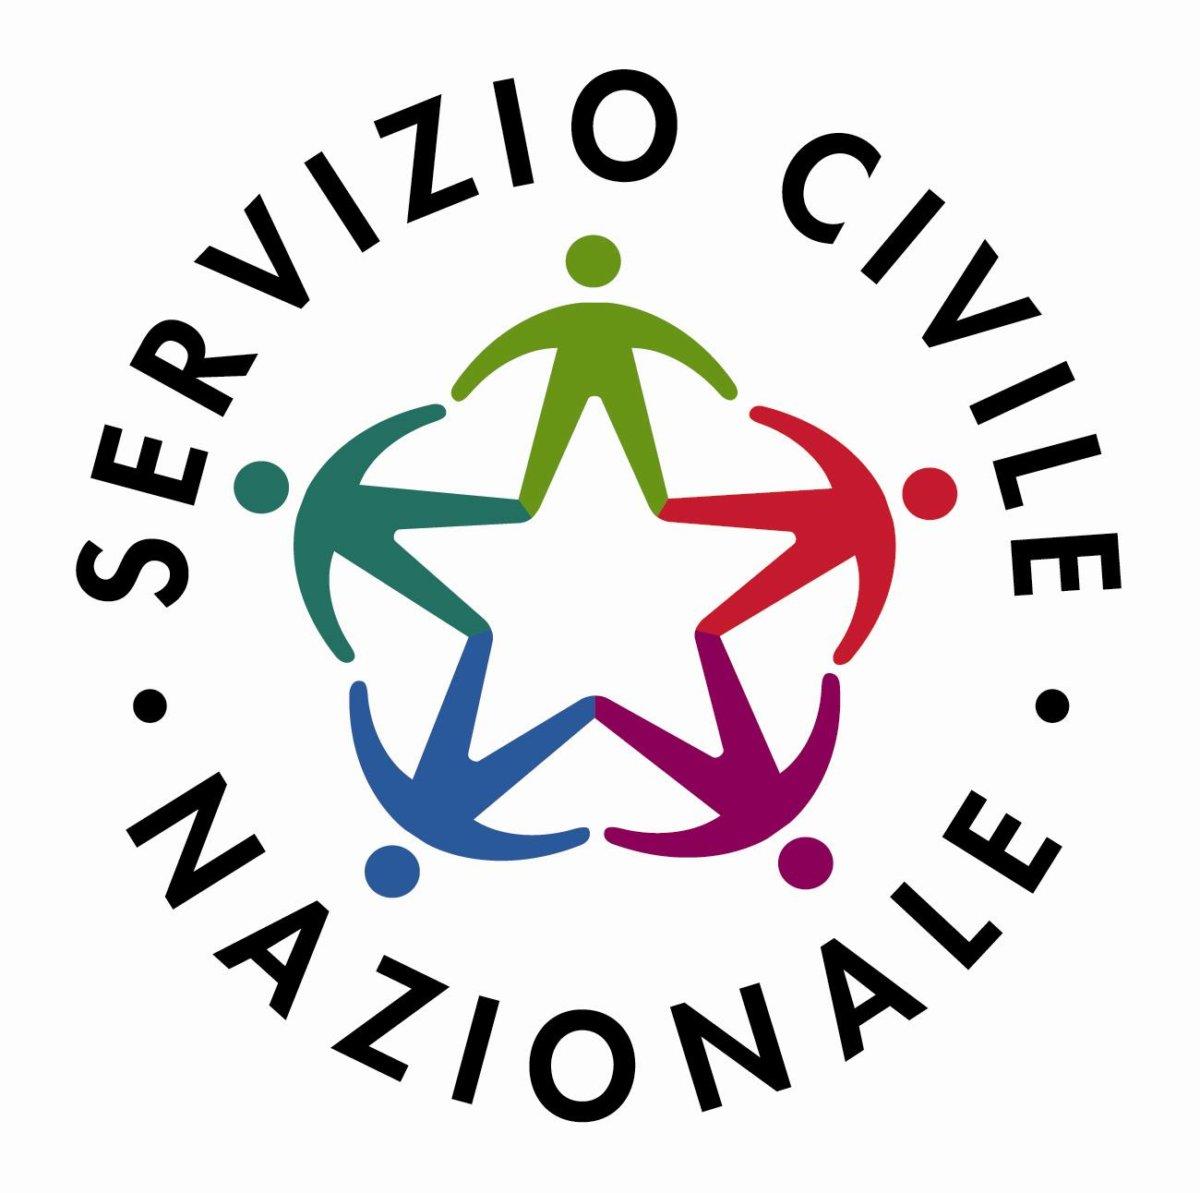 SERVIZIO CIVILE – ESITI DEL COLLOQUIO DEL 16 APRILE E CONVOCAZIONE PER IL 3 MAGGIO 2018